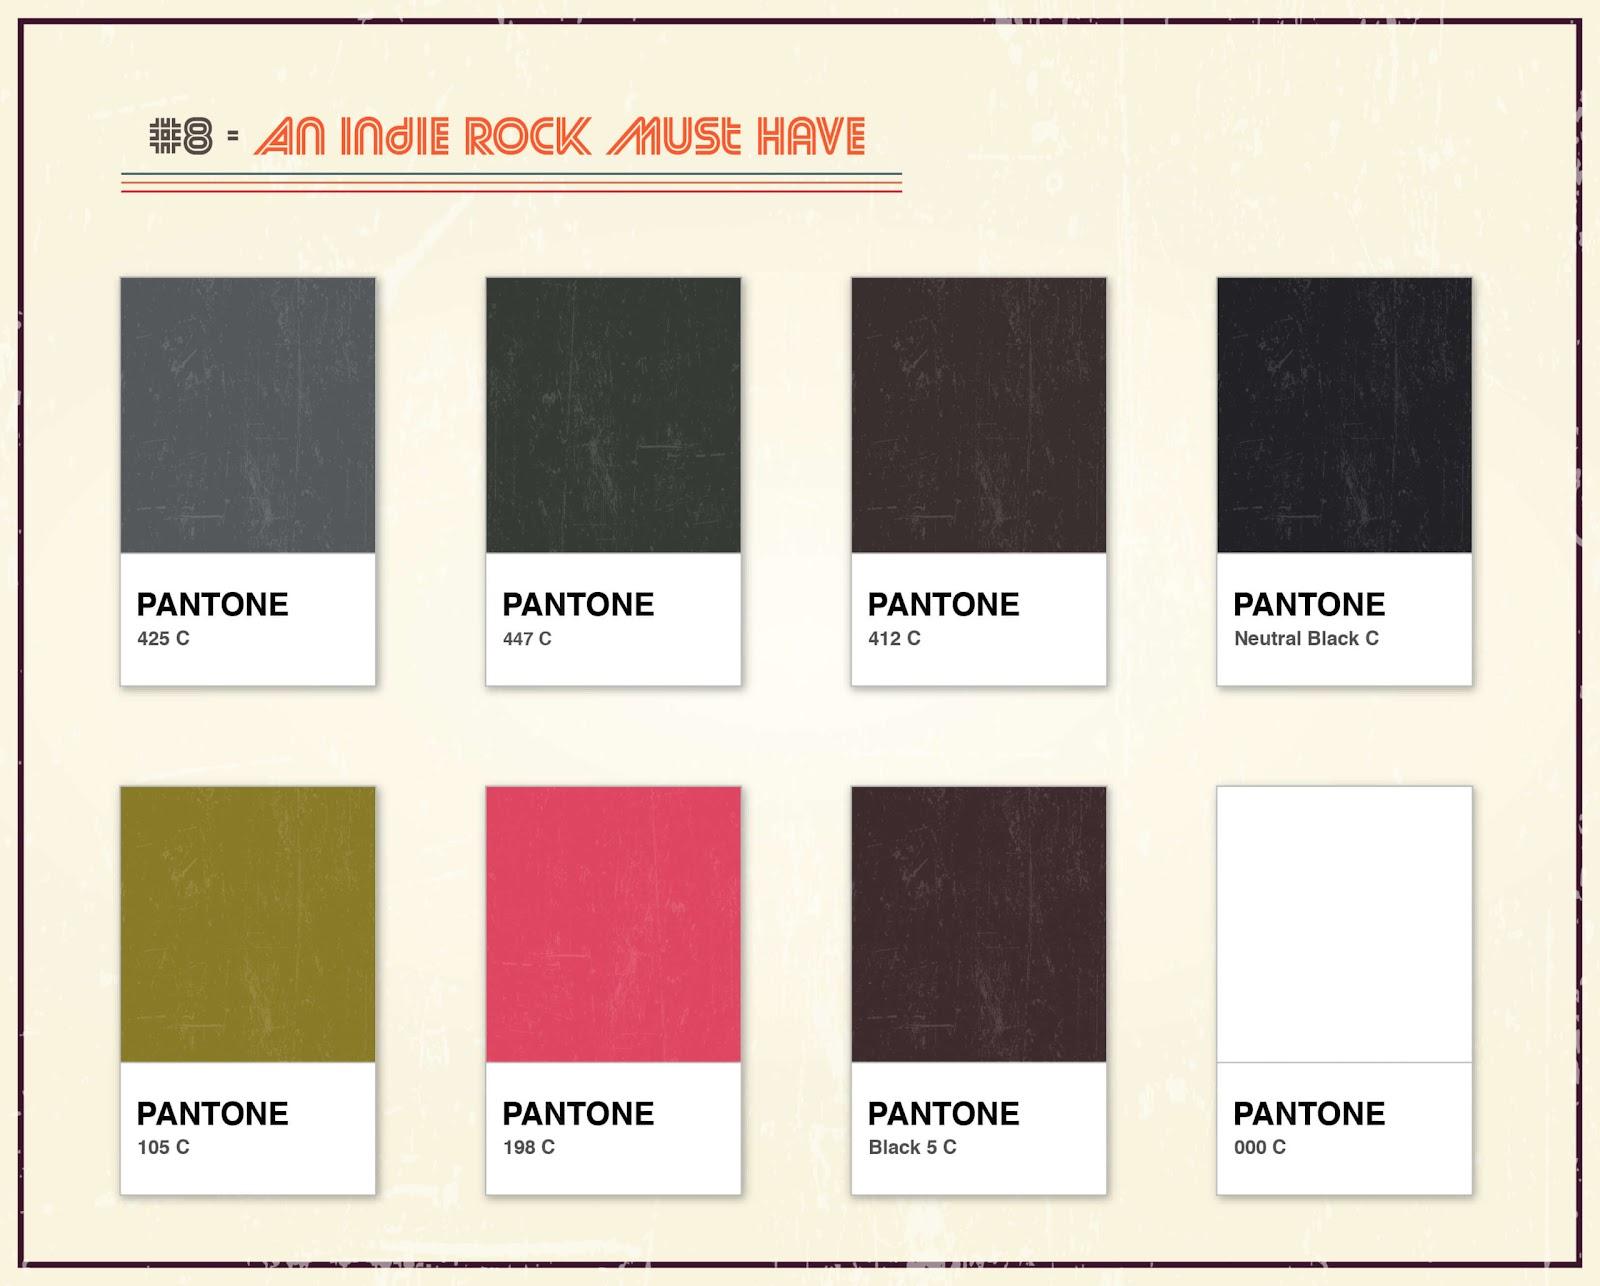 Album Artwork As Pantone: Famous Album Covers Without Text Quiz_8